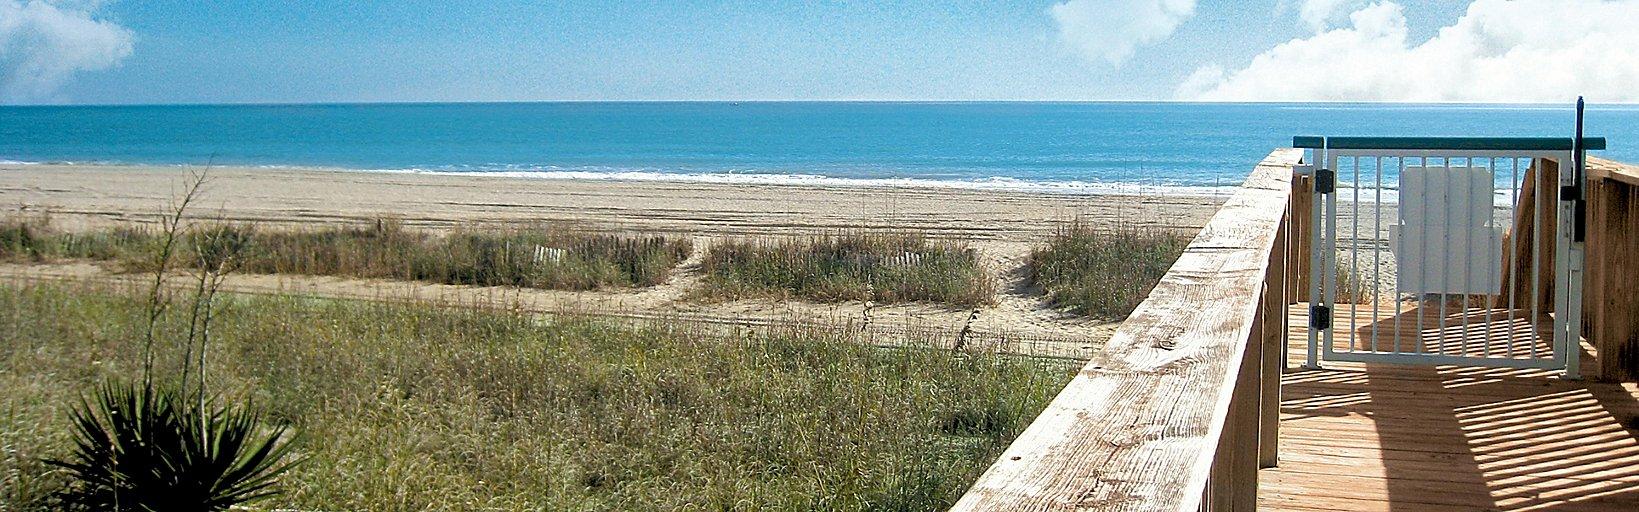 2ccbb4d5a13d Enjoy the convenient board-walk style path down to the beach ...